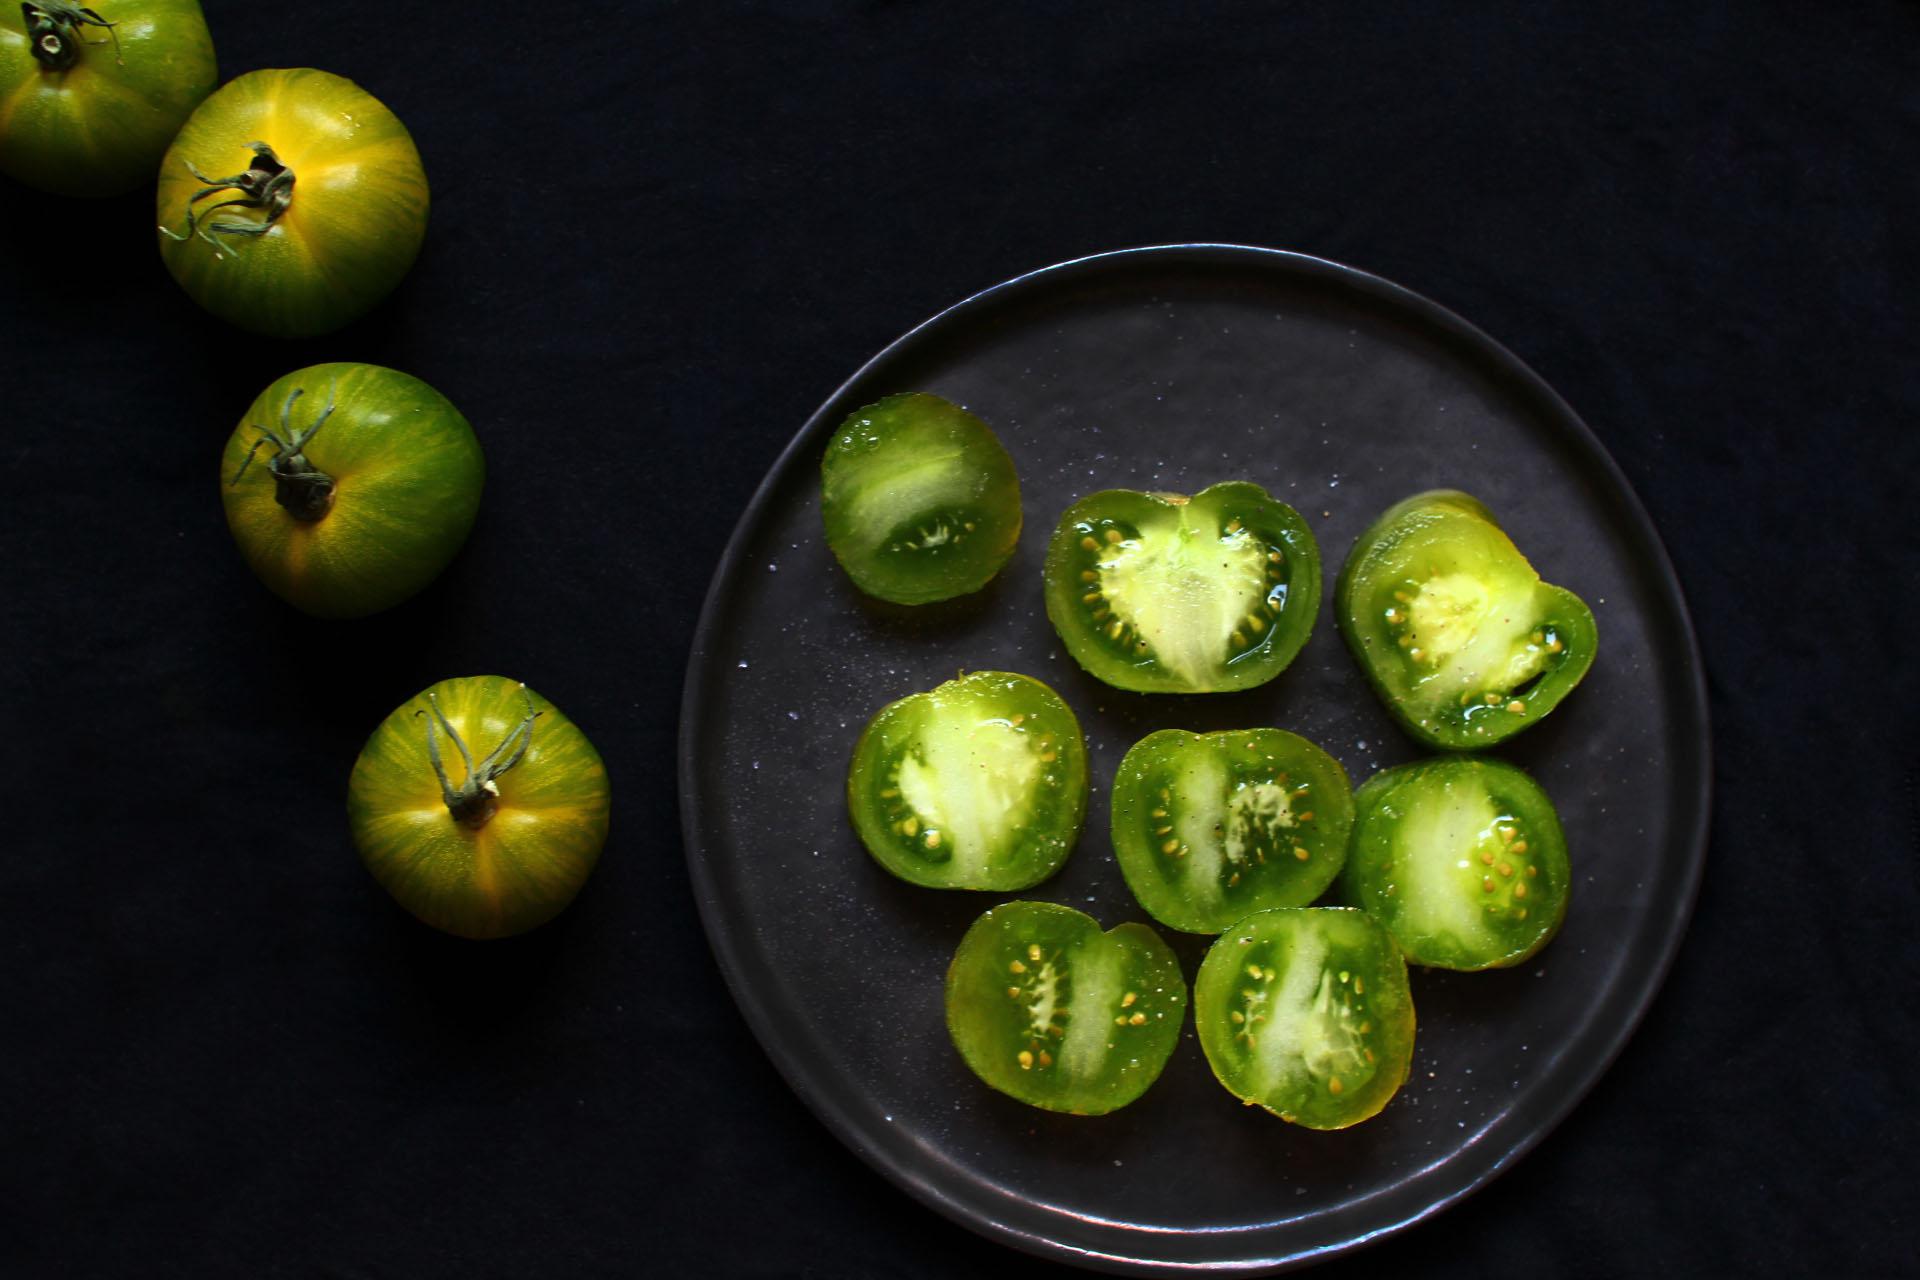 tomates vertes photographie cuisine recette blog